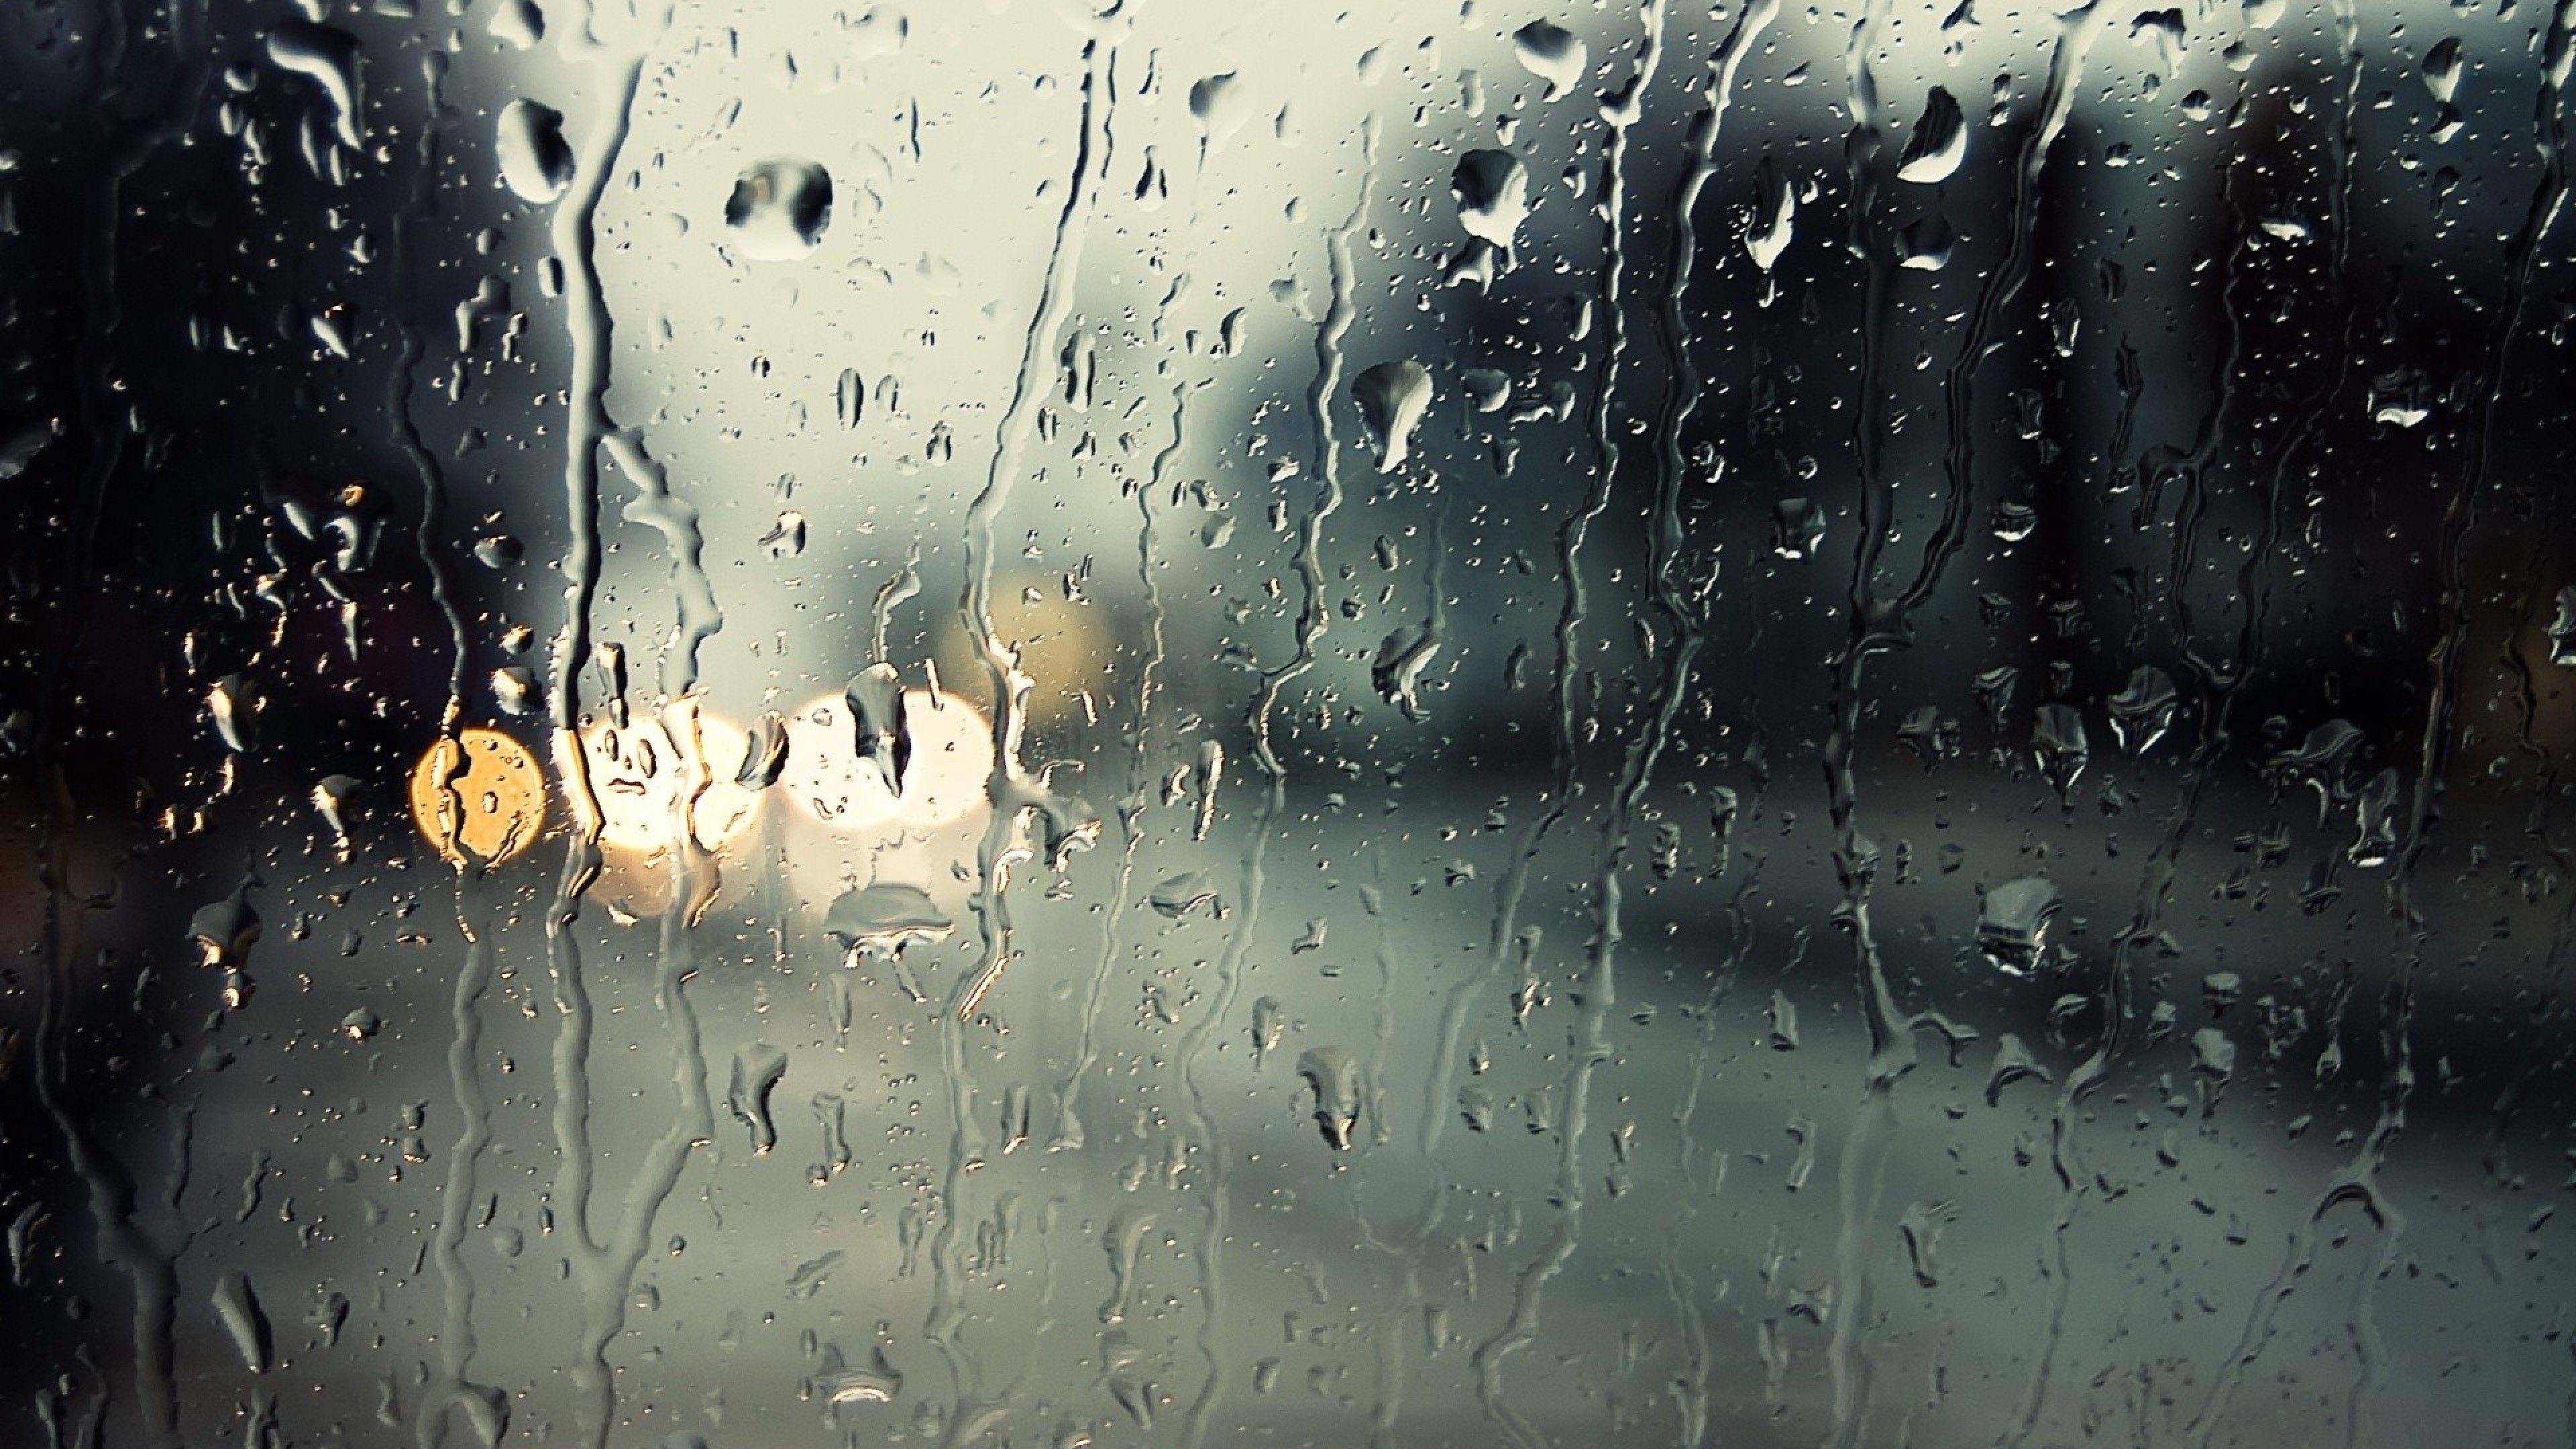 Rain 4K Wallpapers - Top Free Rain 4K